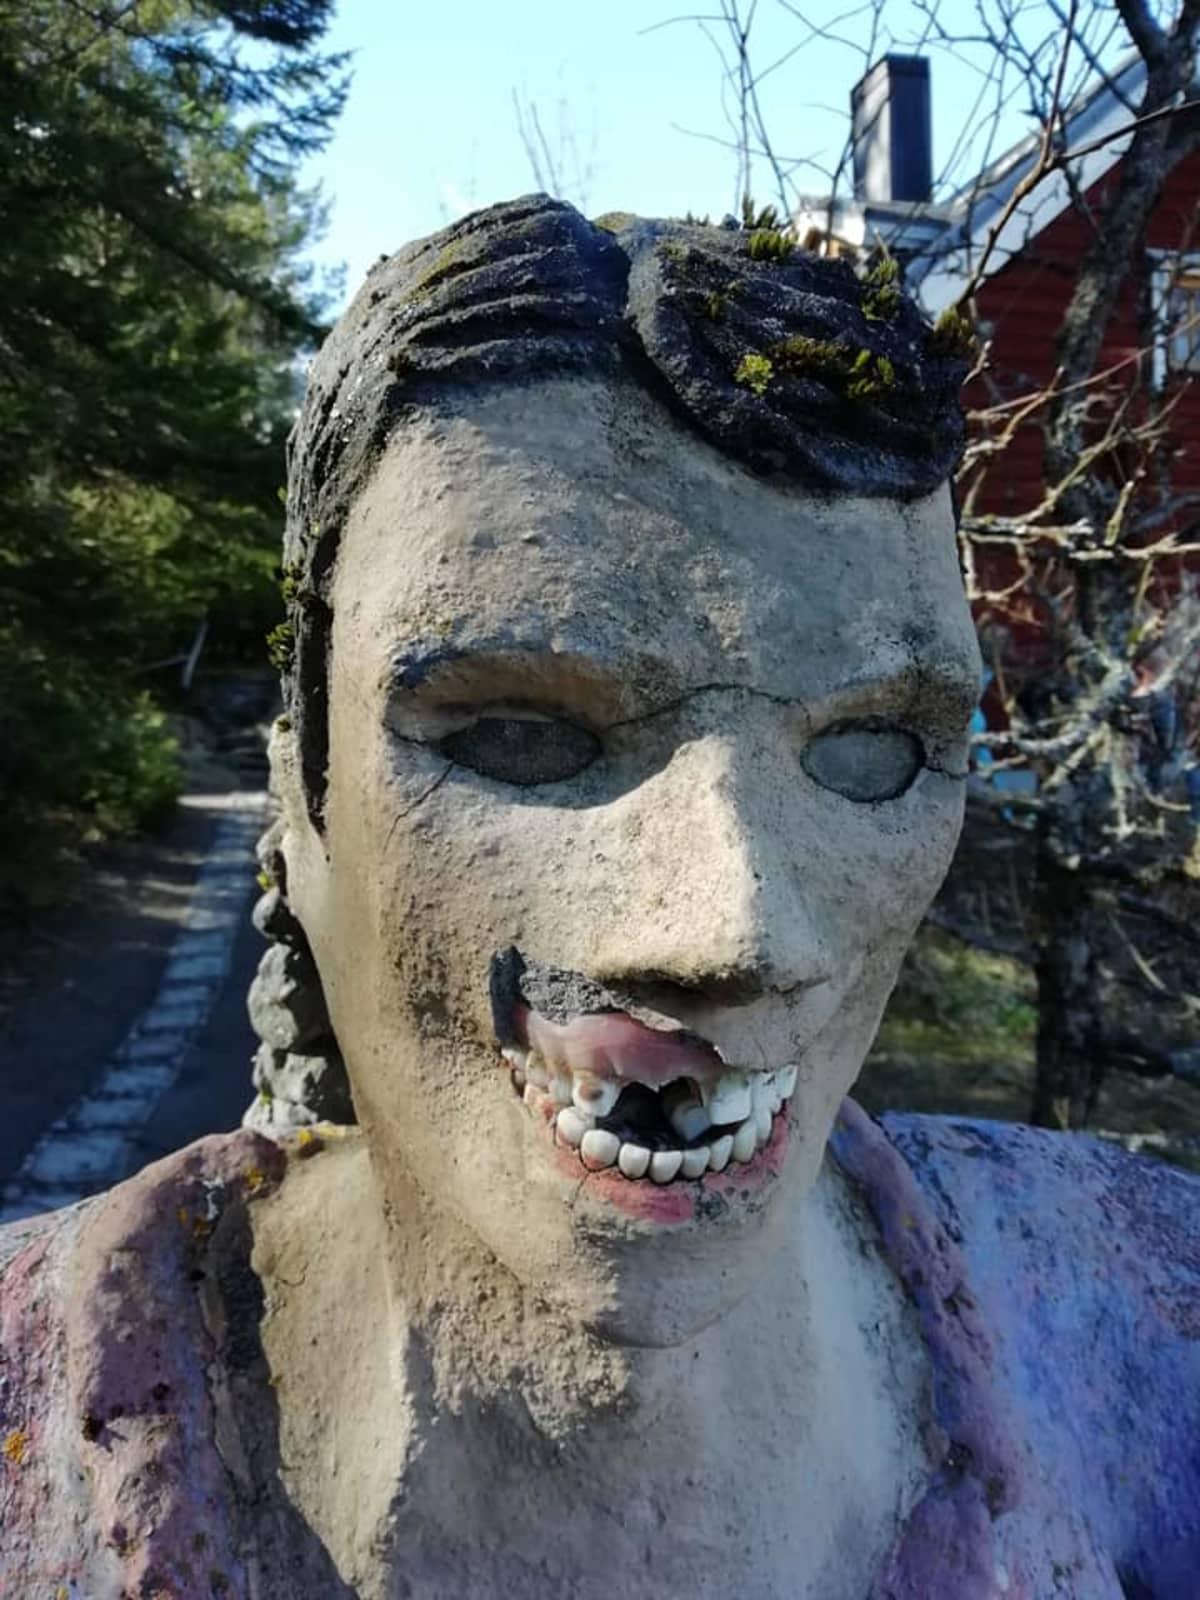 Parikkalan patsaspuistossa oleva patsas, jolta on rikottu hampaita.